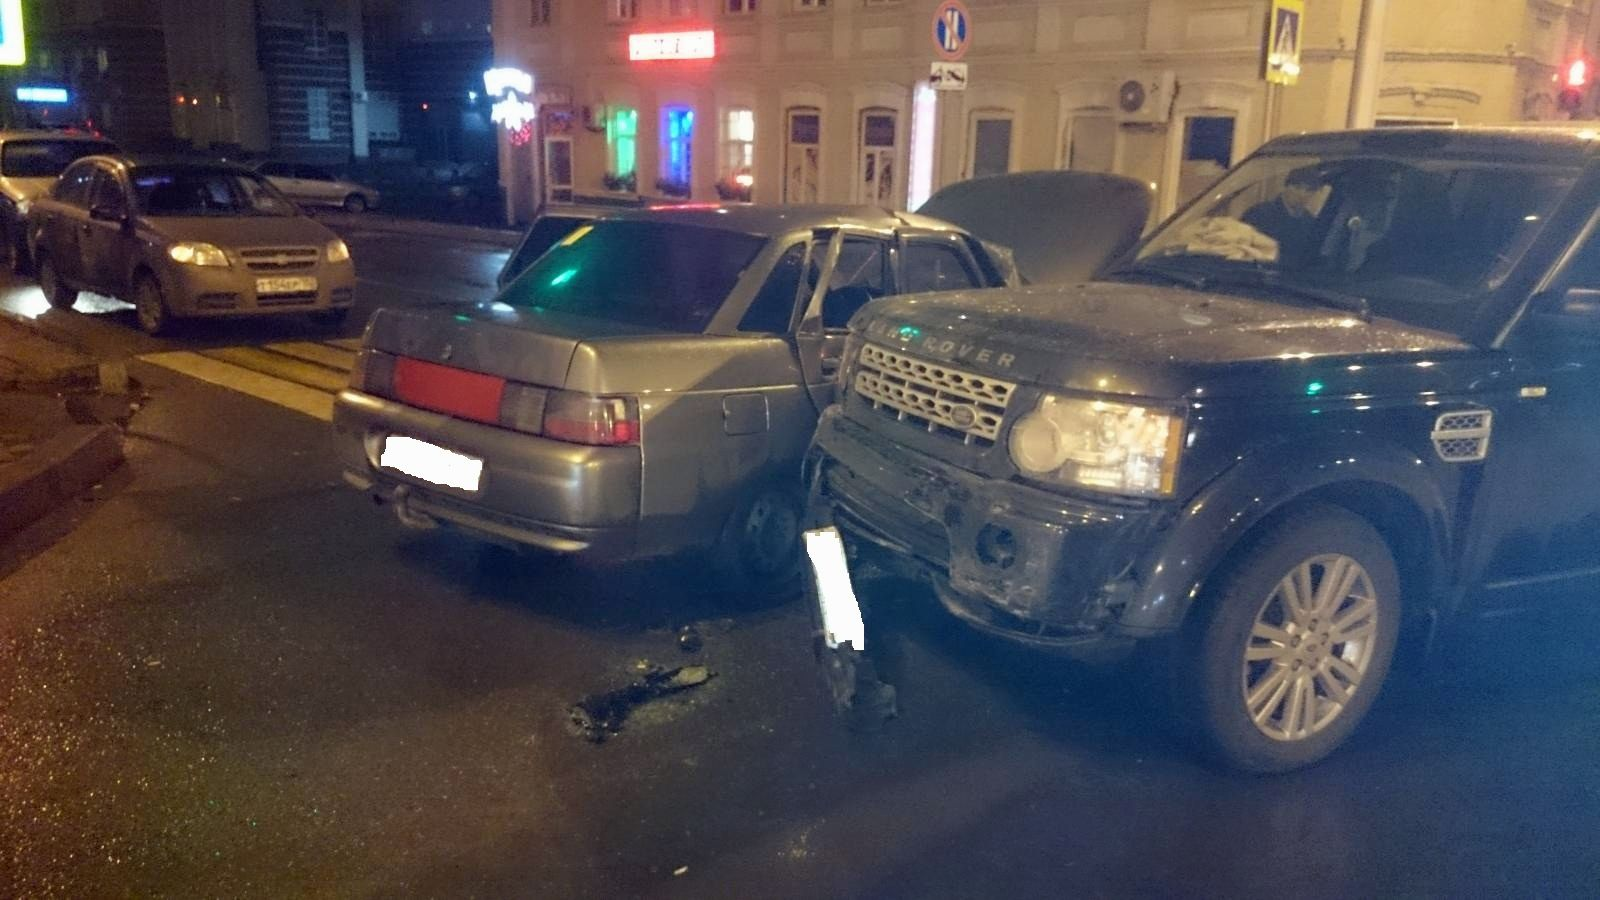 ВУфе ВАЗ-2110 столкнулся сRange Rover, пострадали 4 человека